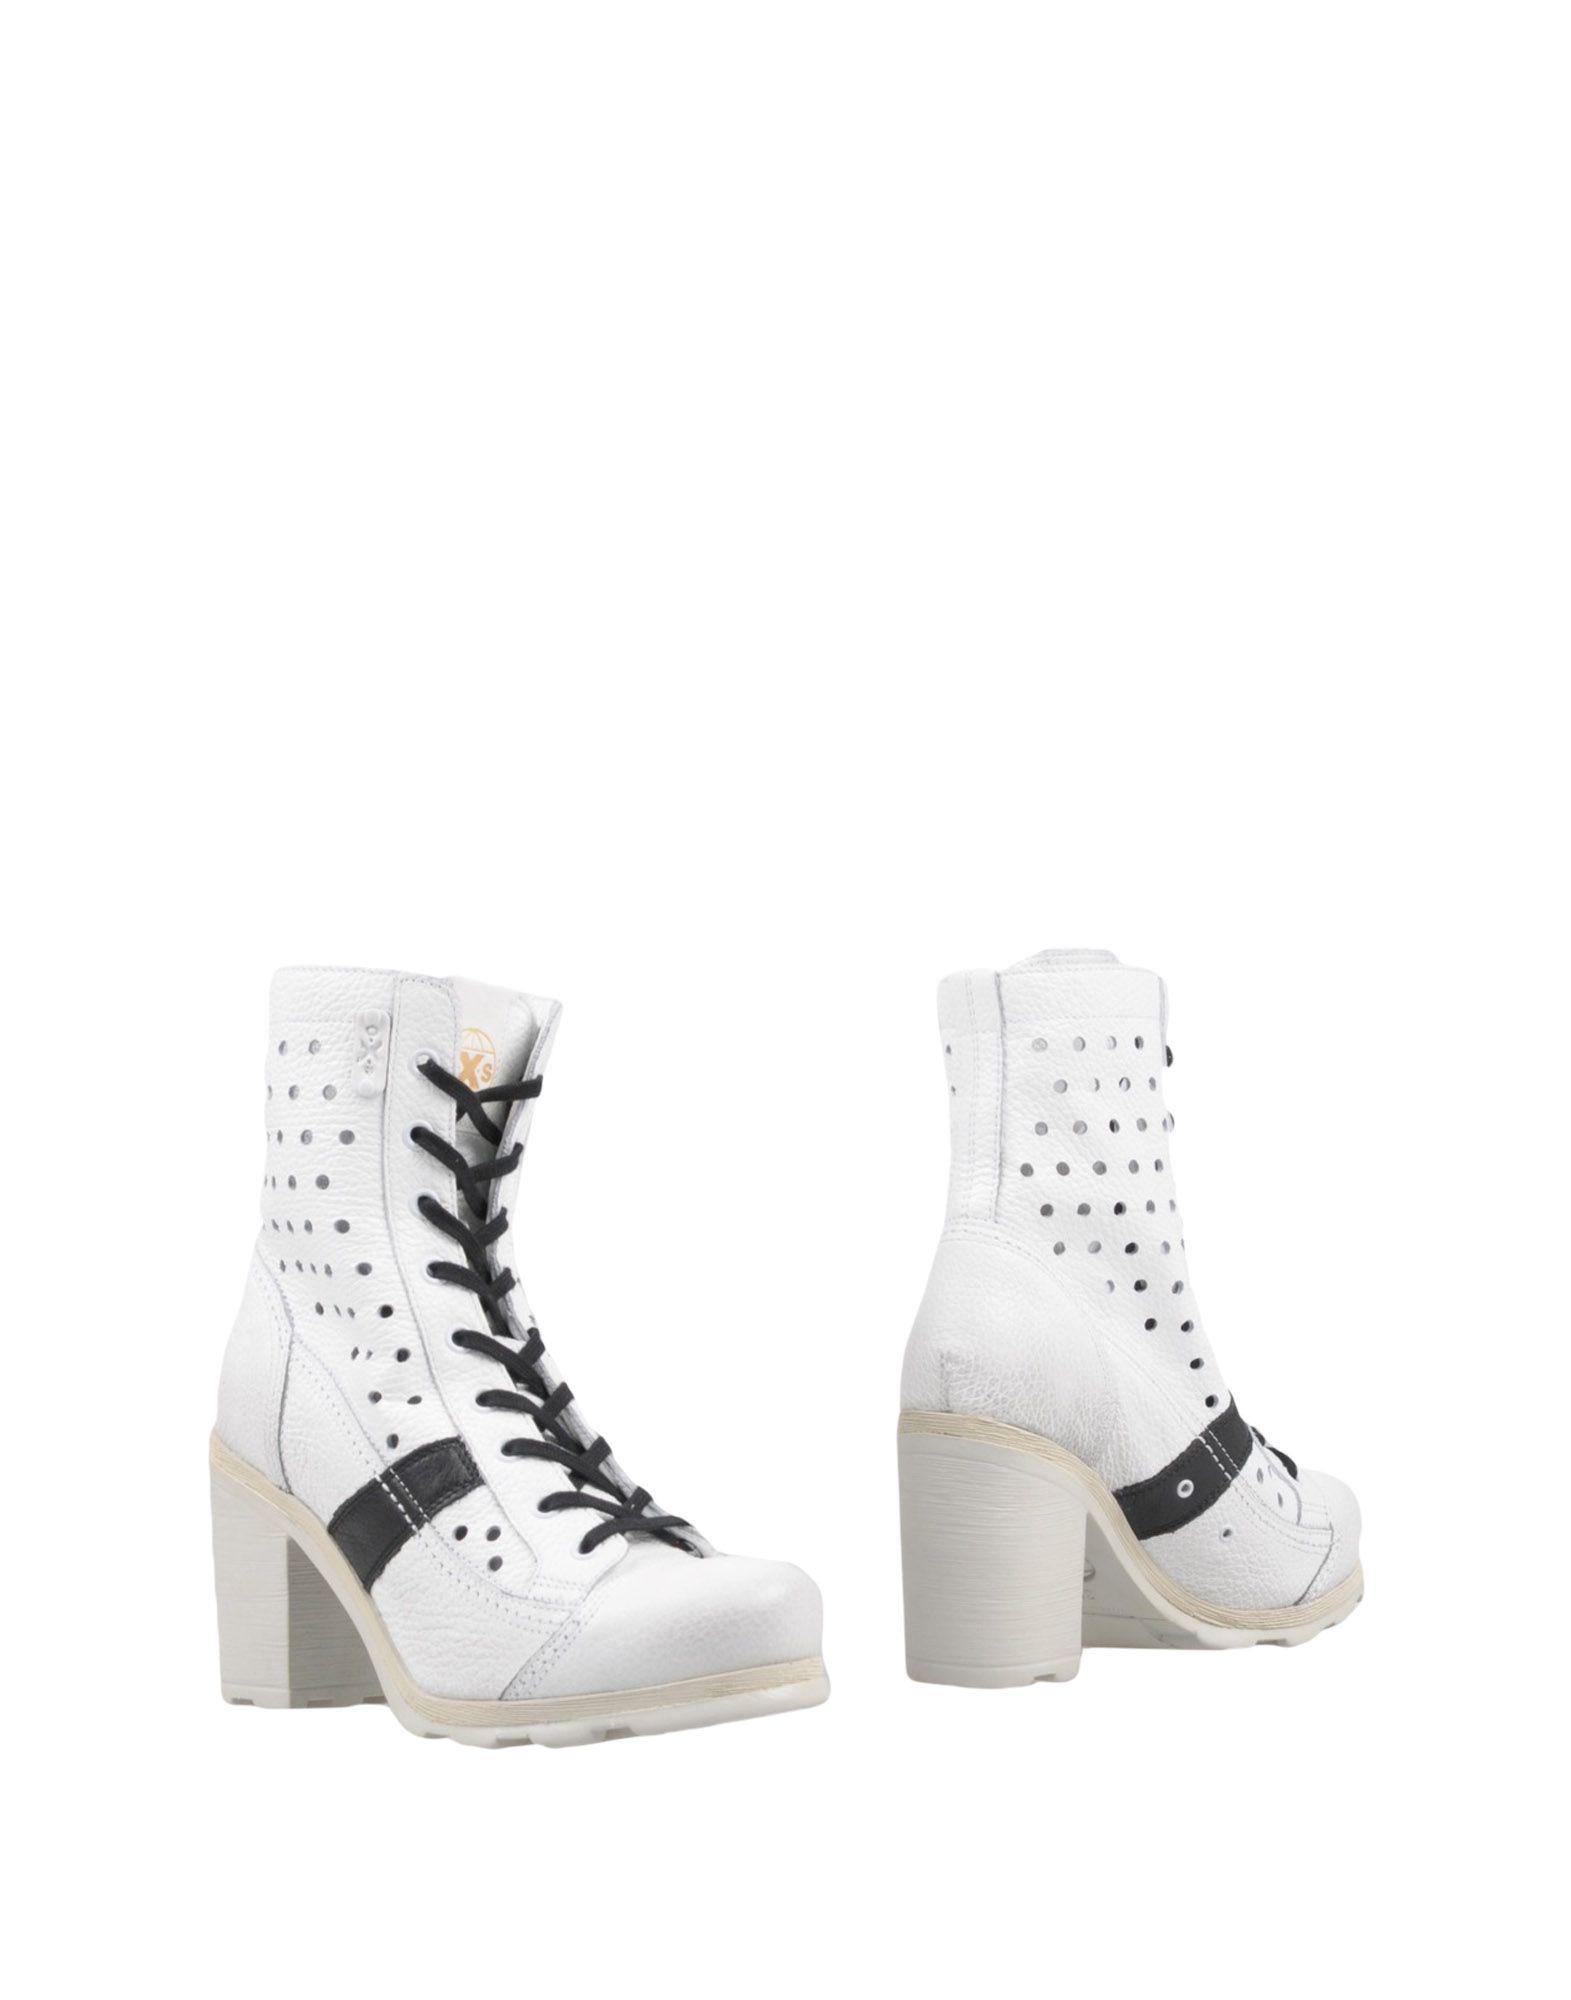 O.X.S. Stiefelette Damen  11454692RIGut aussehende strapazierfähige Schuhe